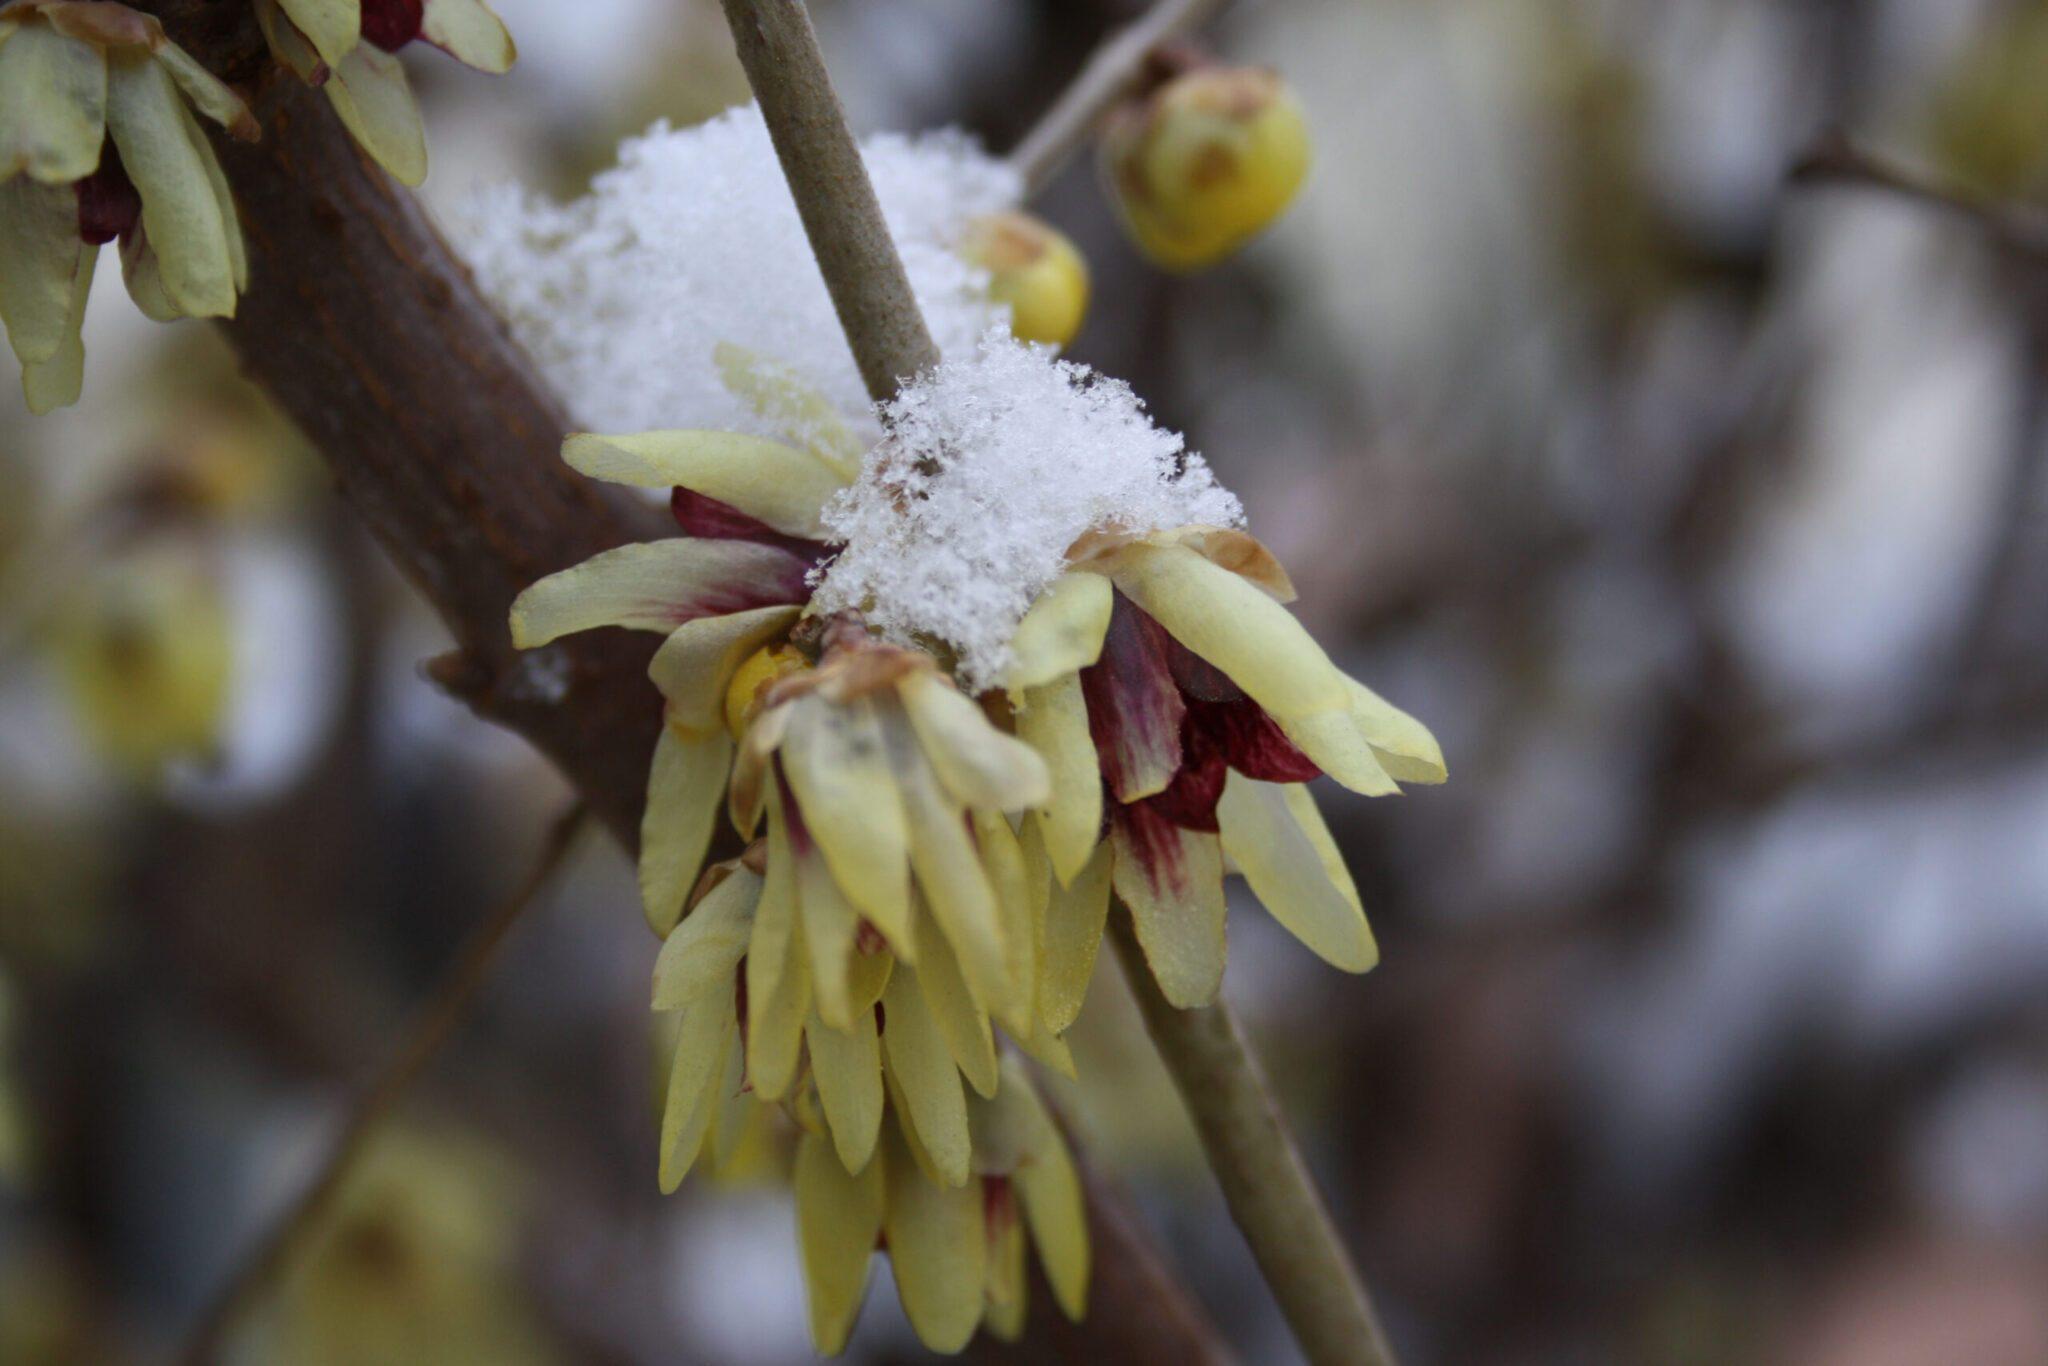 Calicanto Fiore D Inverno calicanto: significato, leggende e usi magici del fiore d